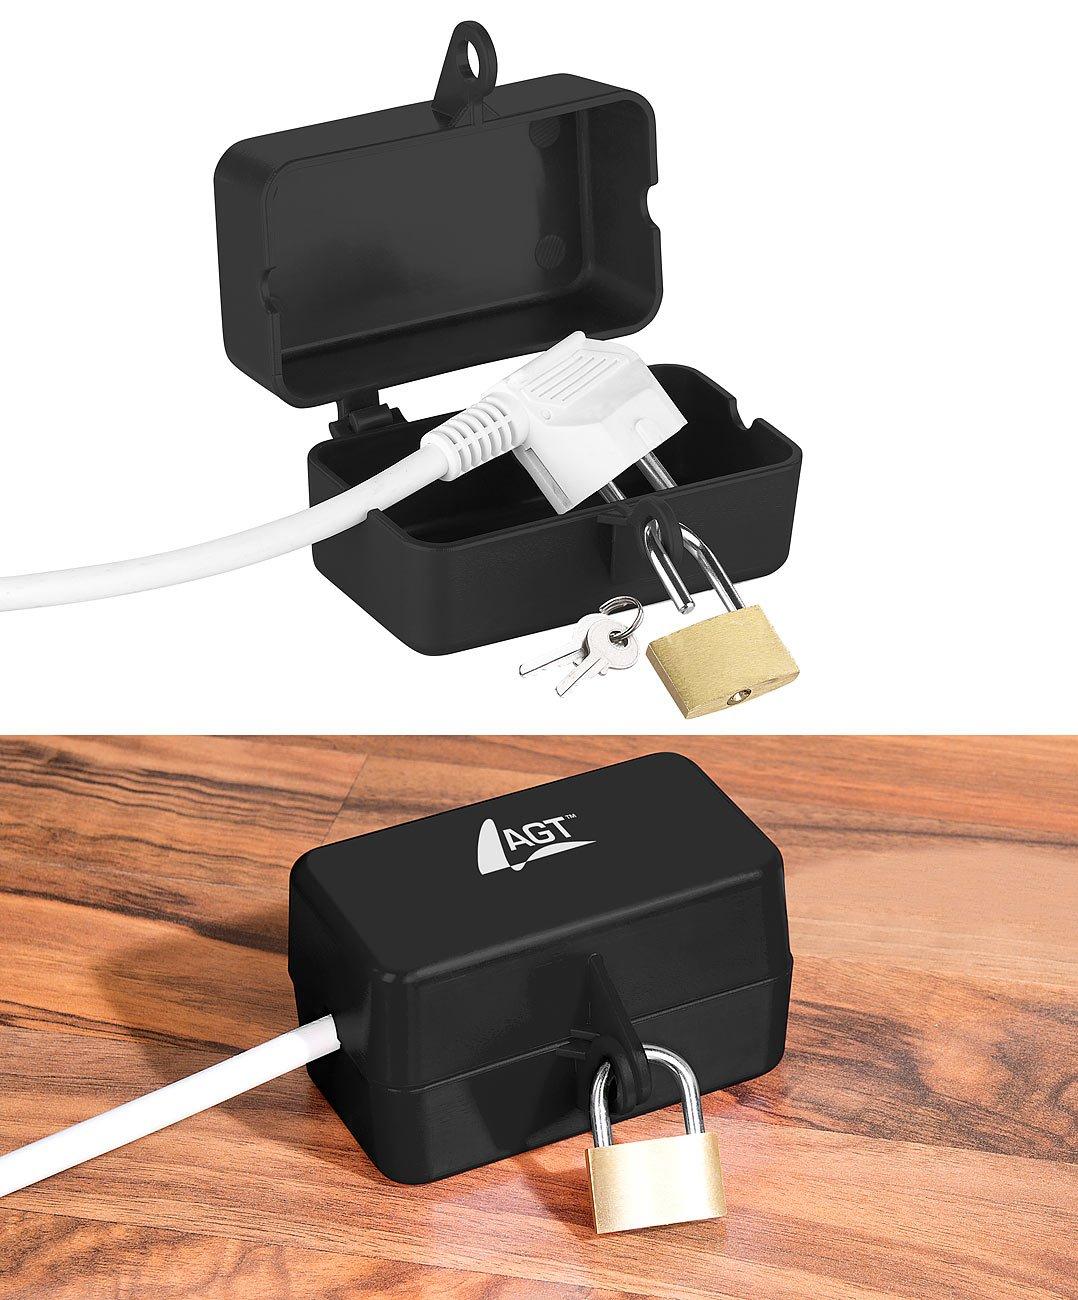 AGT Steckerschloss Steckersafe 2 Schl/üssel Abschlie/ßbare Stromstecker-Schutzbox mit Vorh/ängeschloss